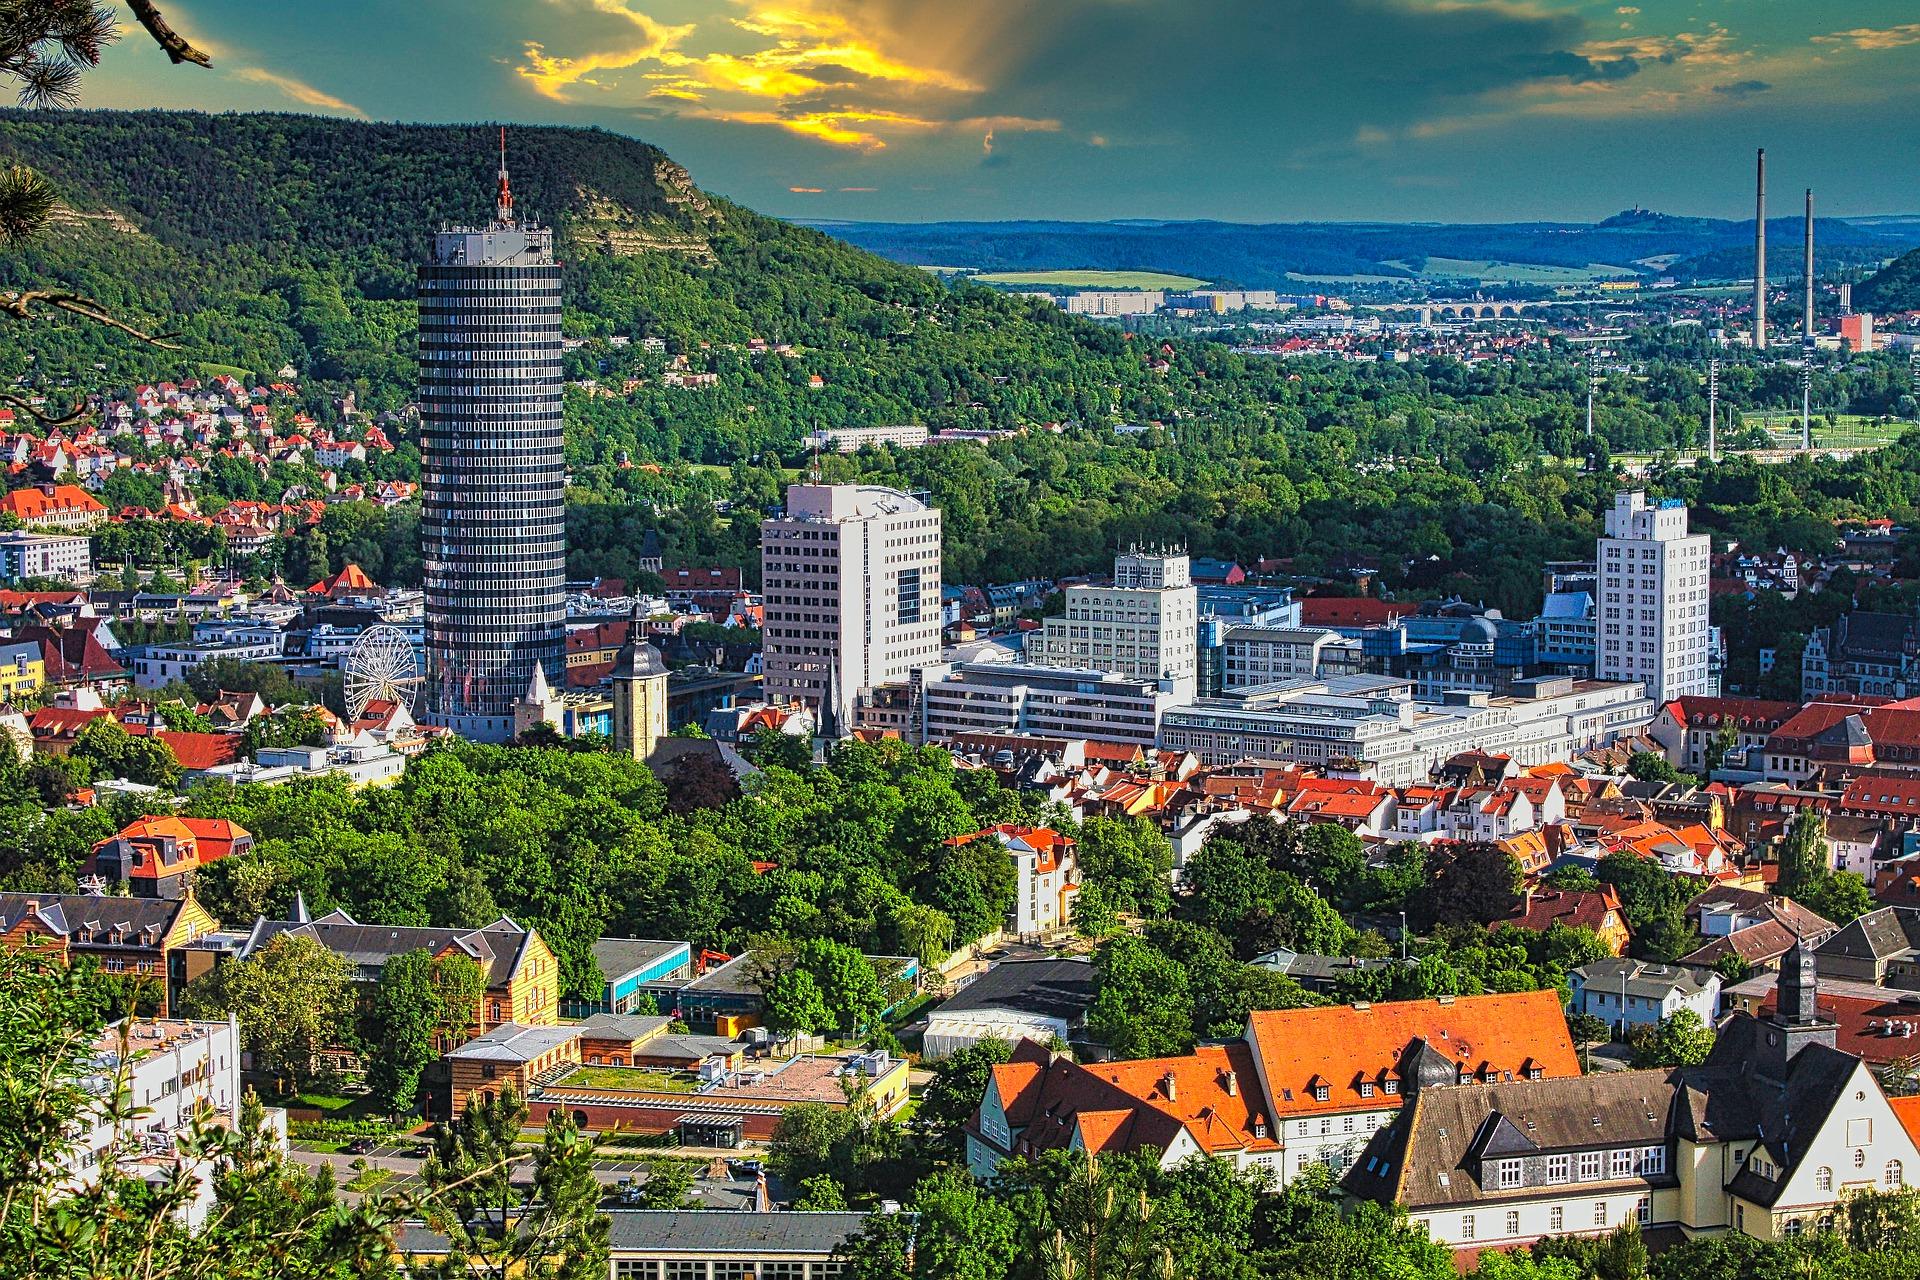 Jetzt Vermieter von WBS Wohnungen in Jena kontaktieren - Wohnungsbörse WBS-Wohnung.de